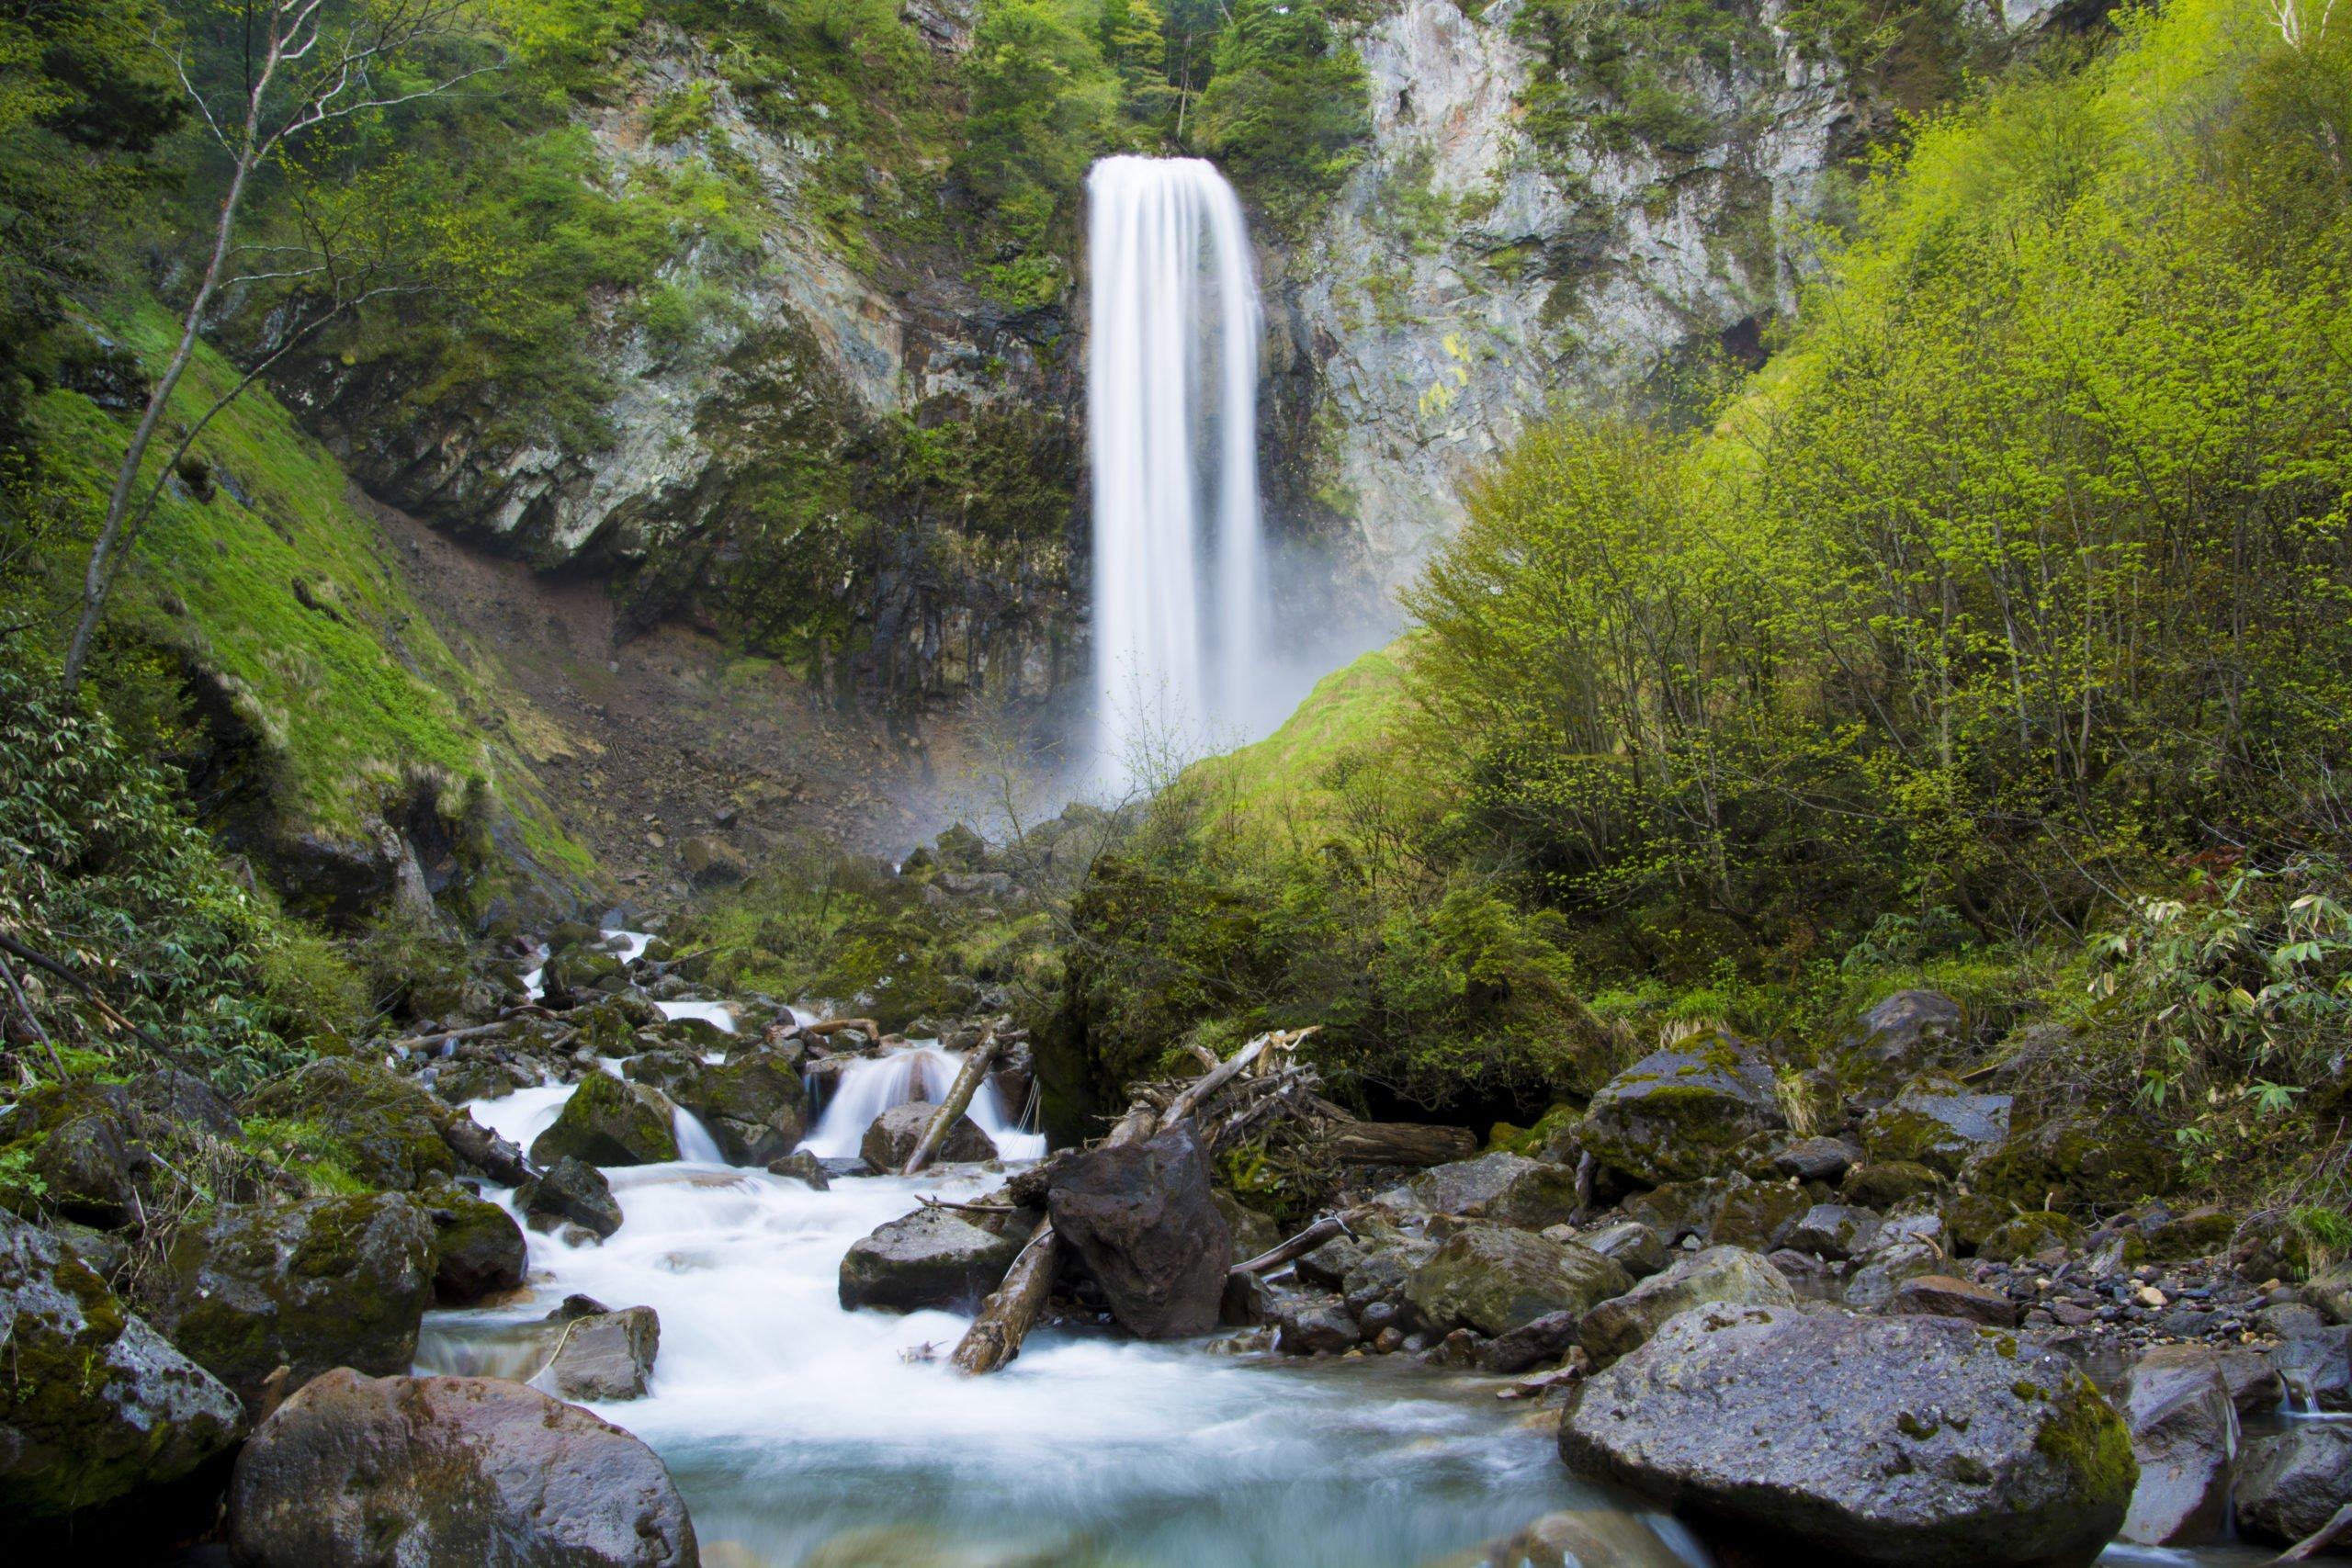 Visit The Hirayu Waterfall On The Hirayu Waterfall Hike From Hirayu Onsen